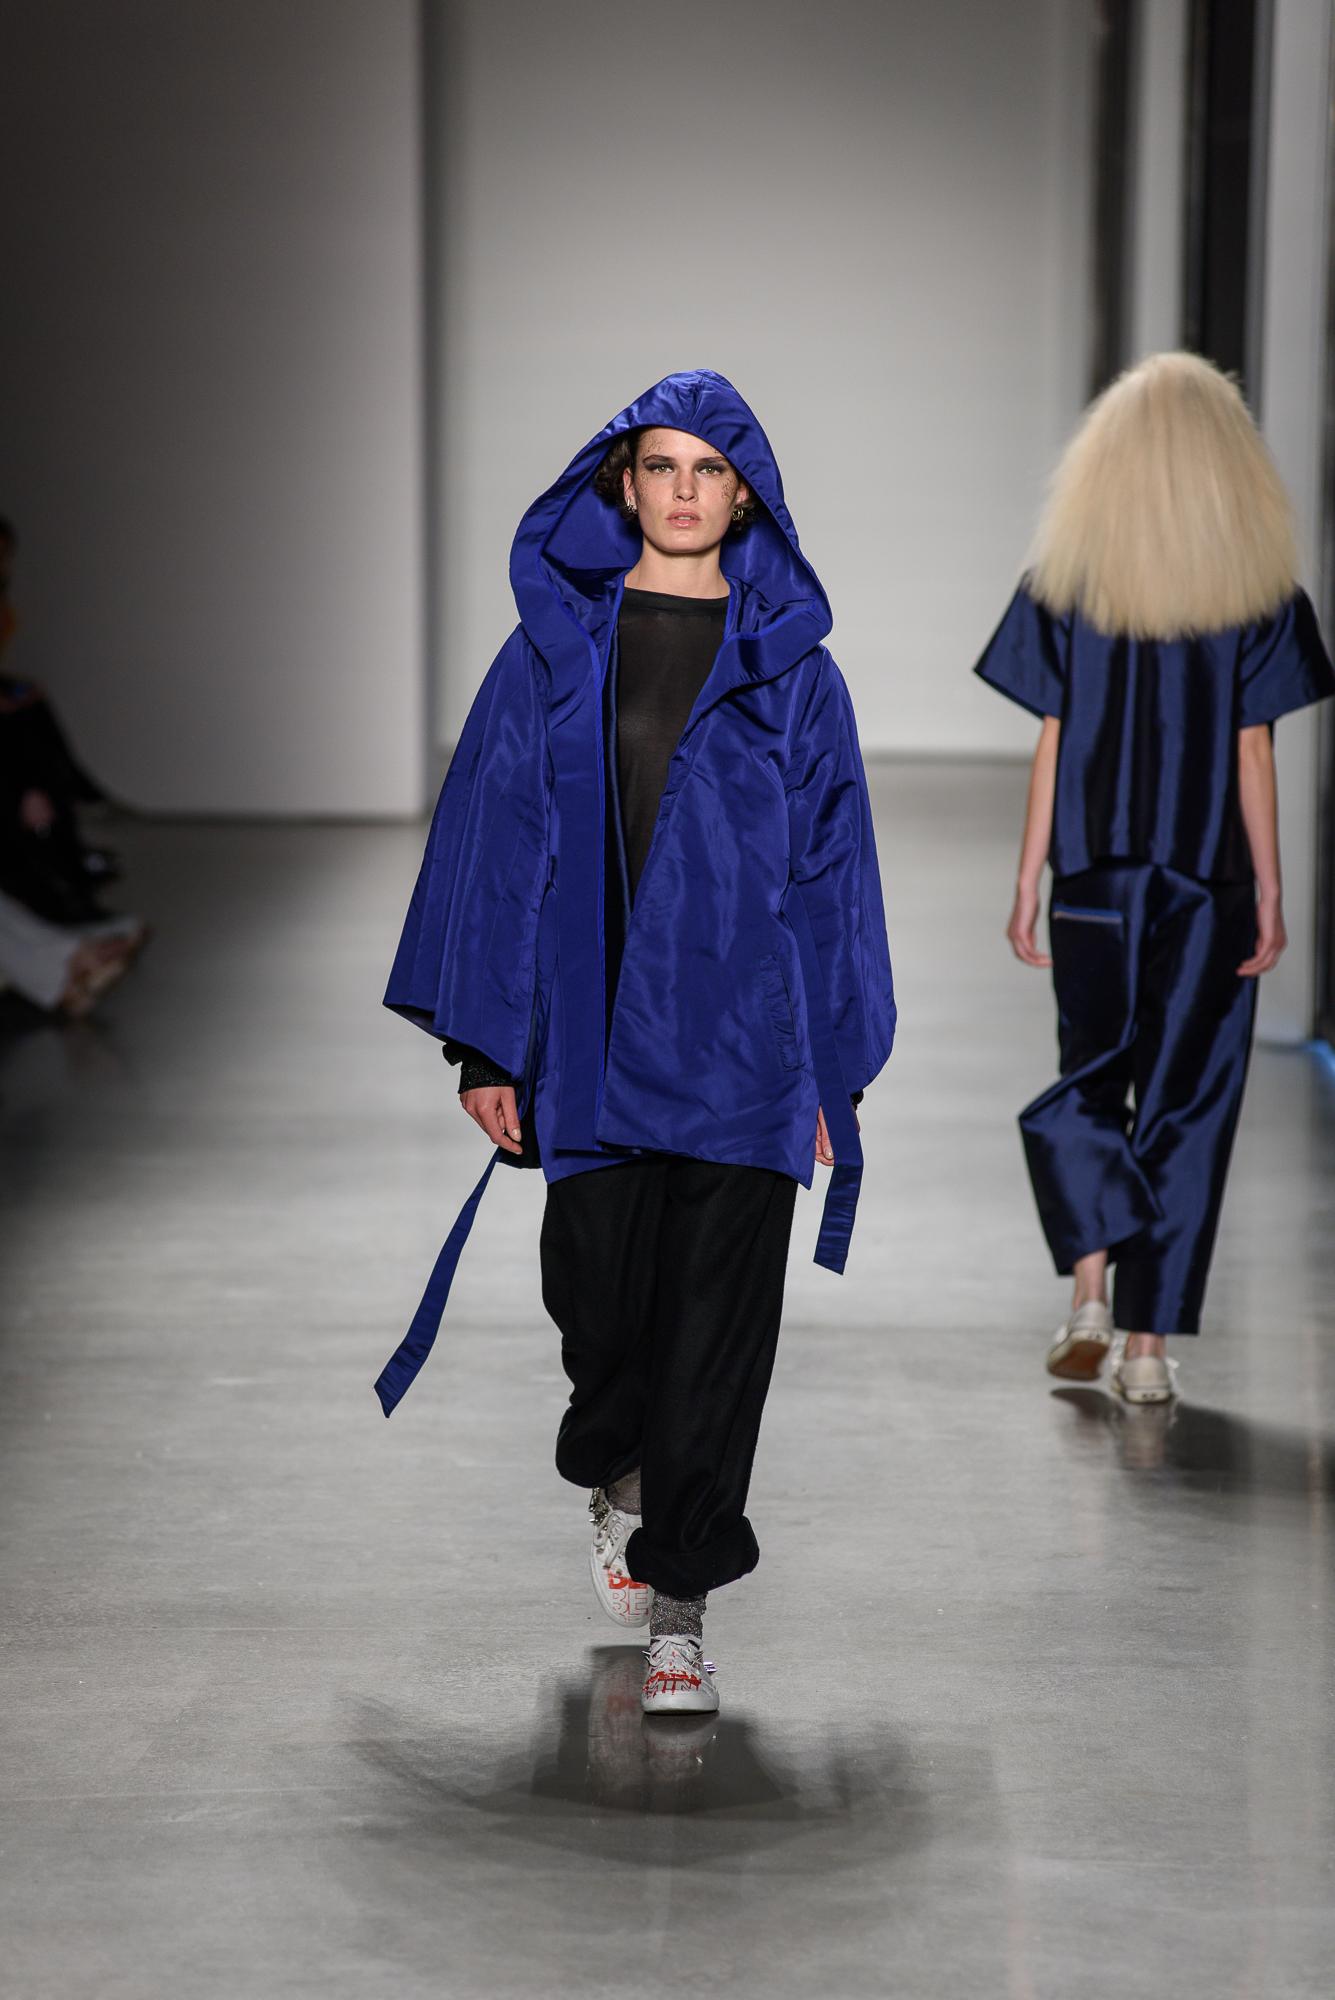 Pratt_Fashion_Show1_2016-Low-Res-471.jpg